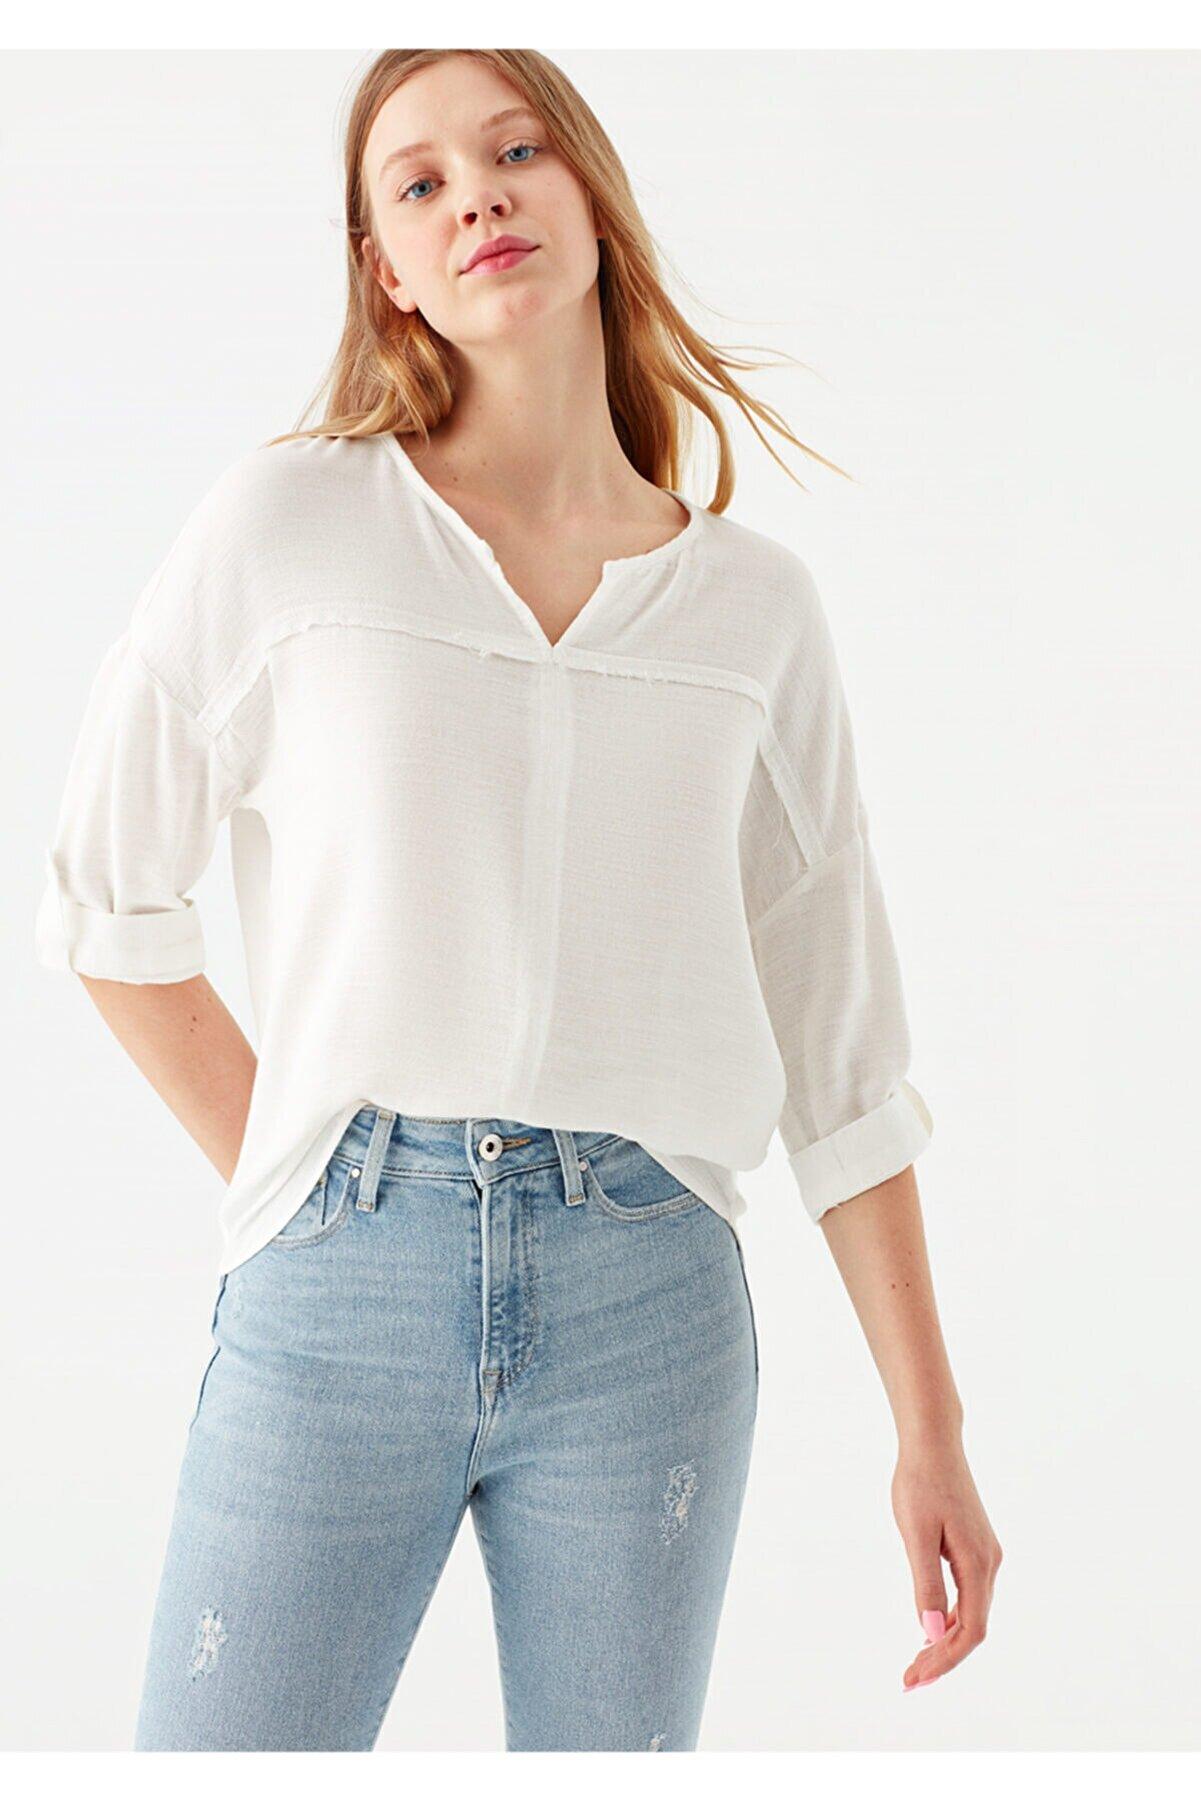 Mavi V Yaka Beyaz Bluz 121357-22937